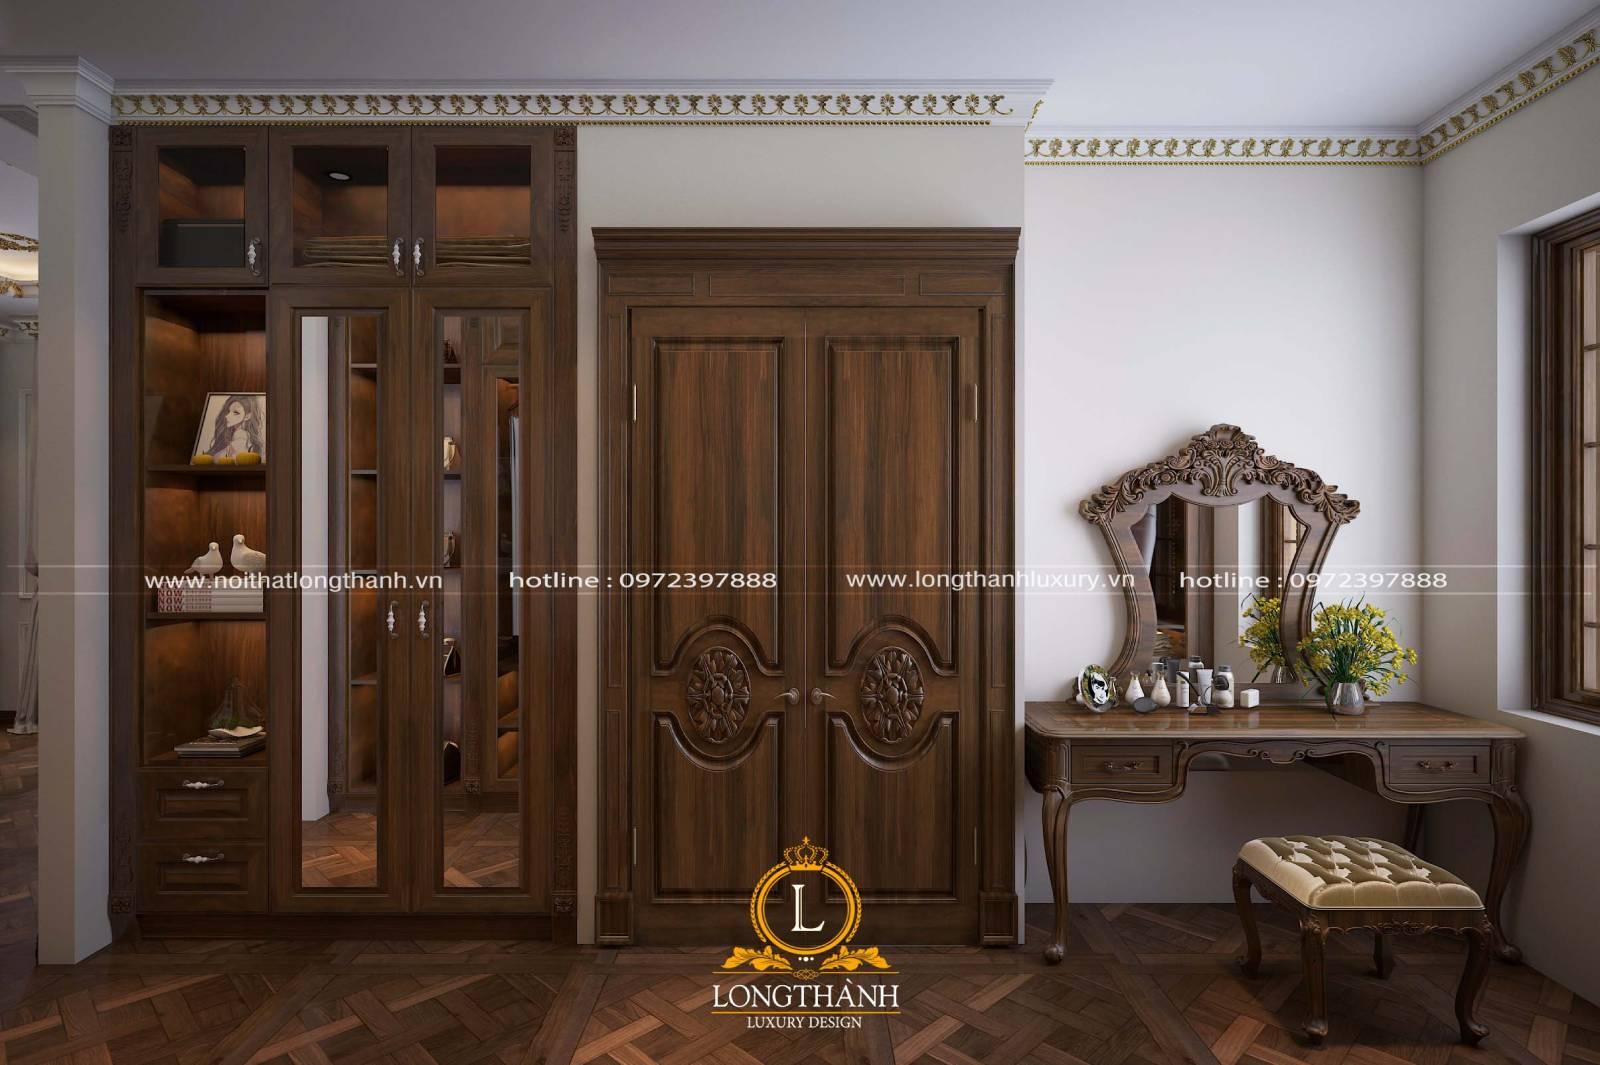 Cửa gỗ tự nhiên 2 cánh đẹp cho phòng ngủ master tân cổ điển